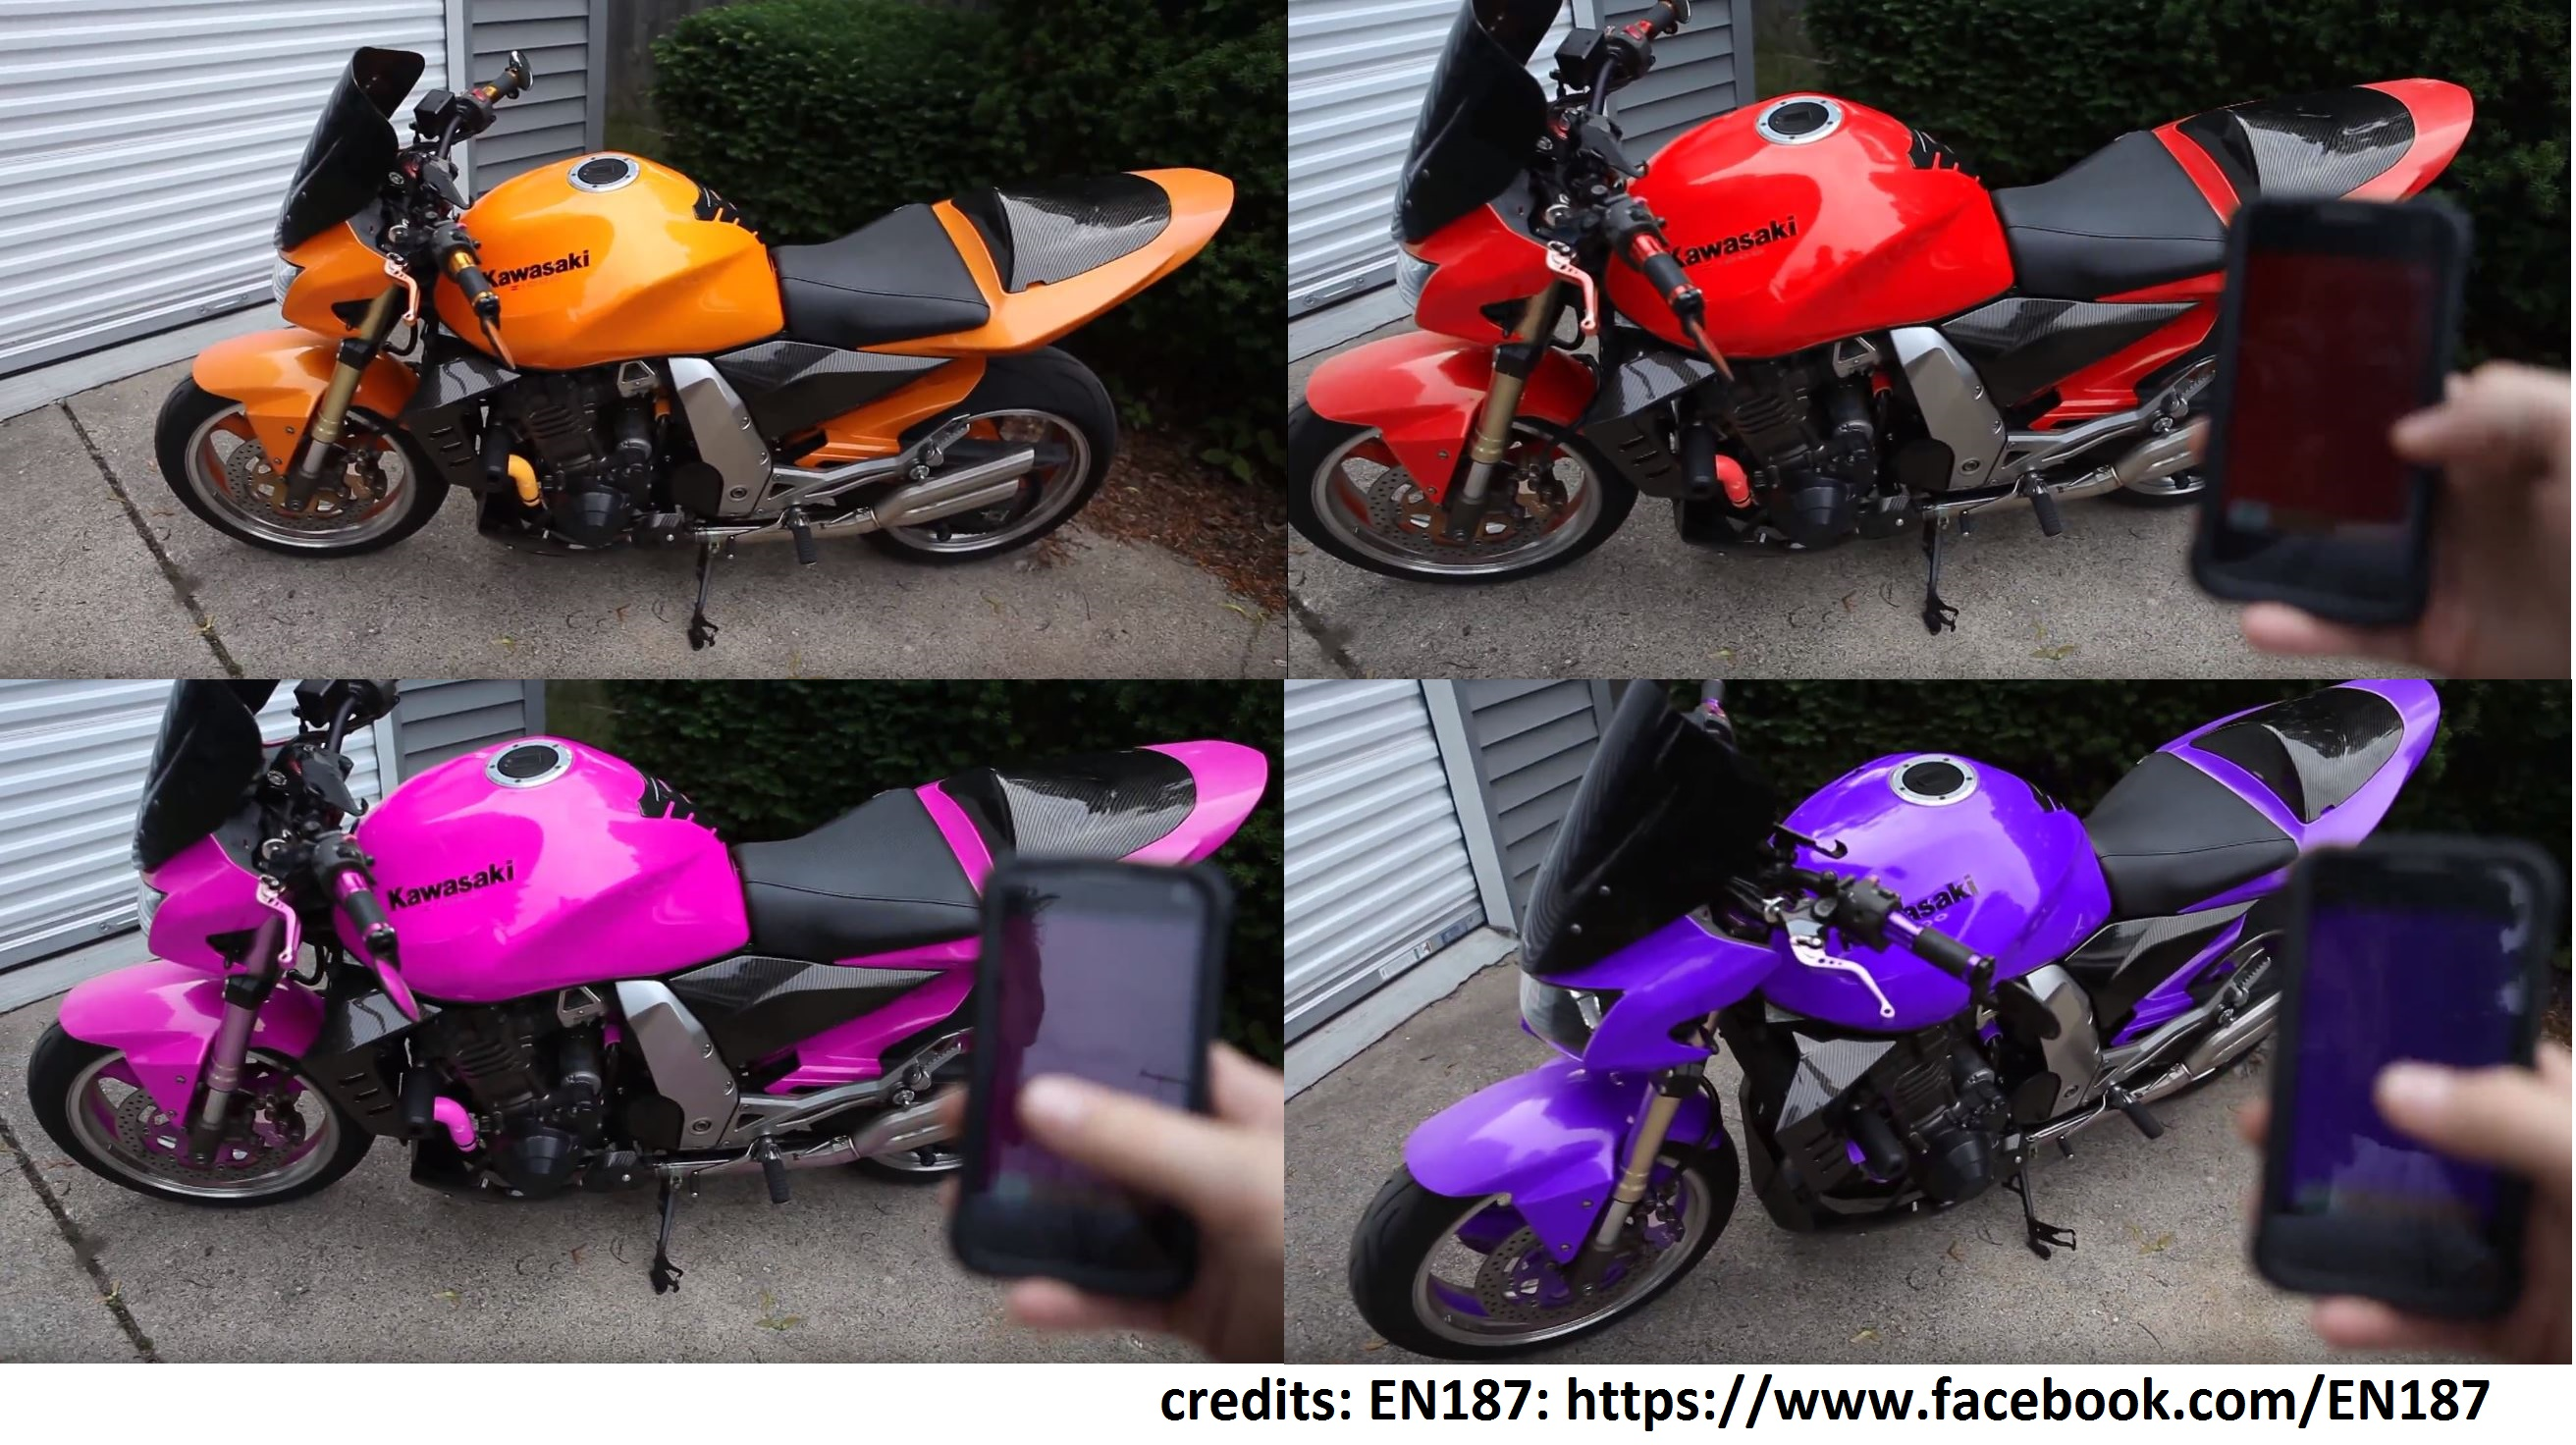 Vind jij het ook zo lastig om de kleur van je motor te kiezen?